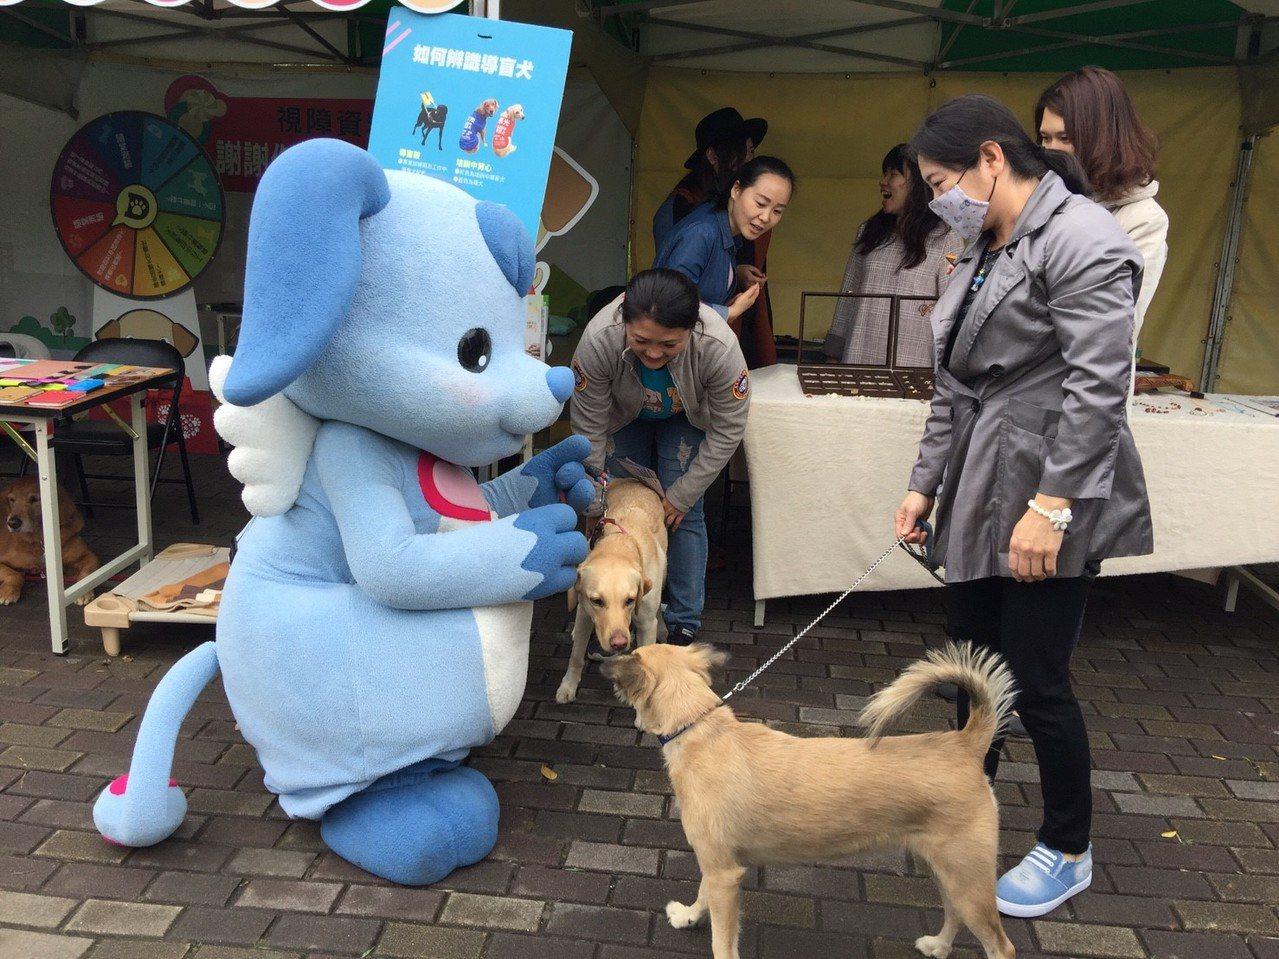 平時在路上看到的導盲犬,其實都是在工作狀態,不能近距離碰觸牠們,也因為如此,大家...